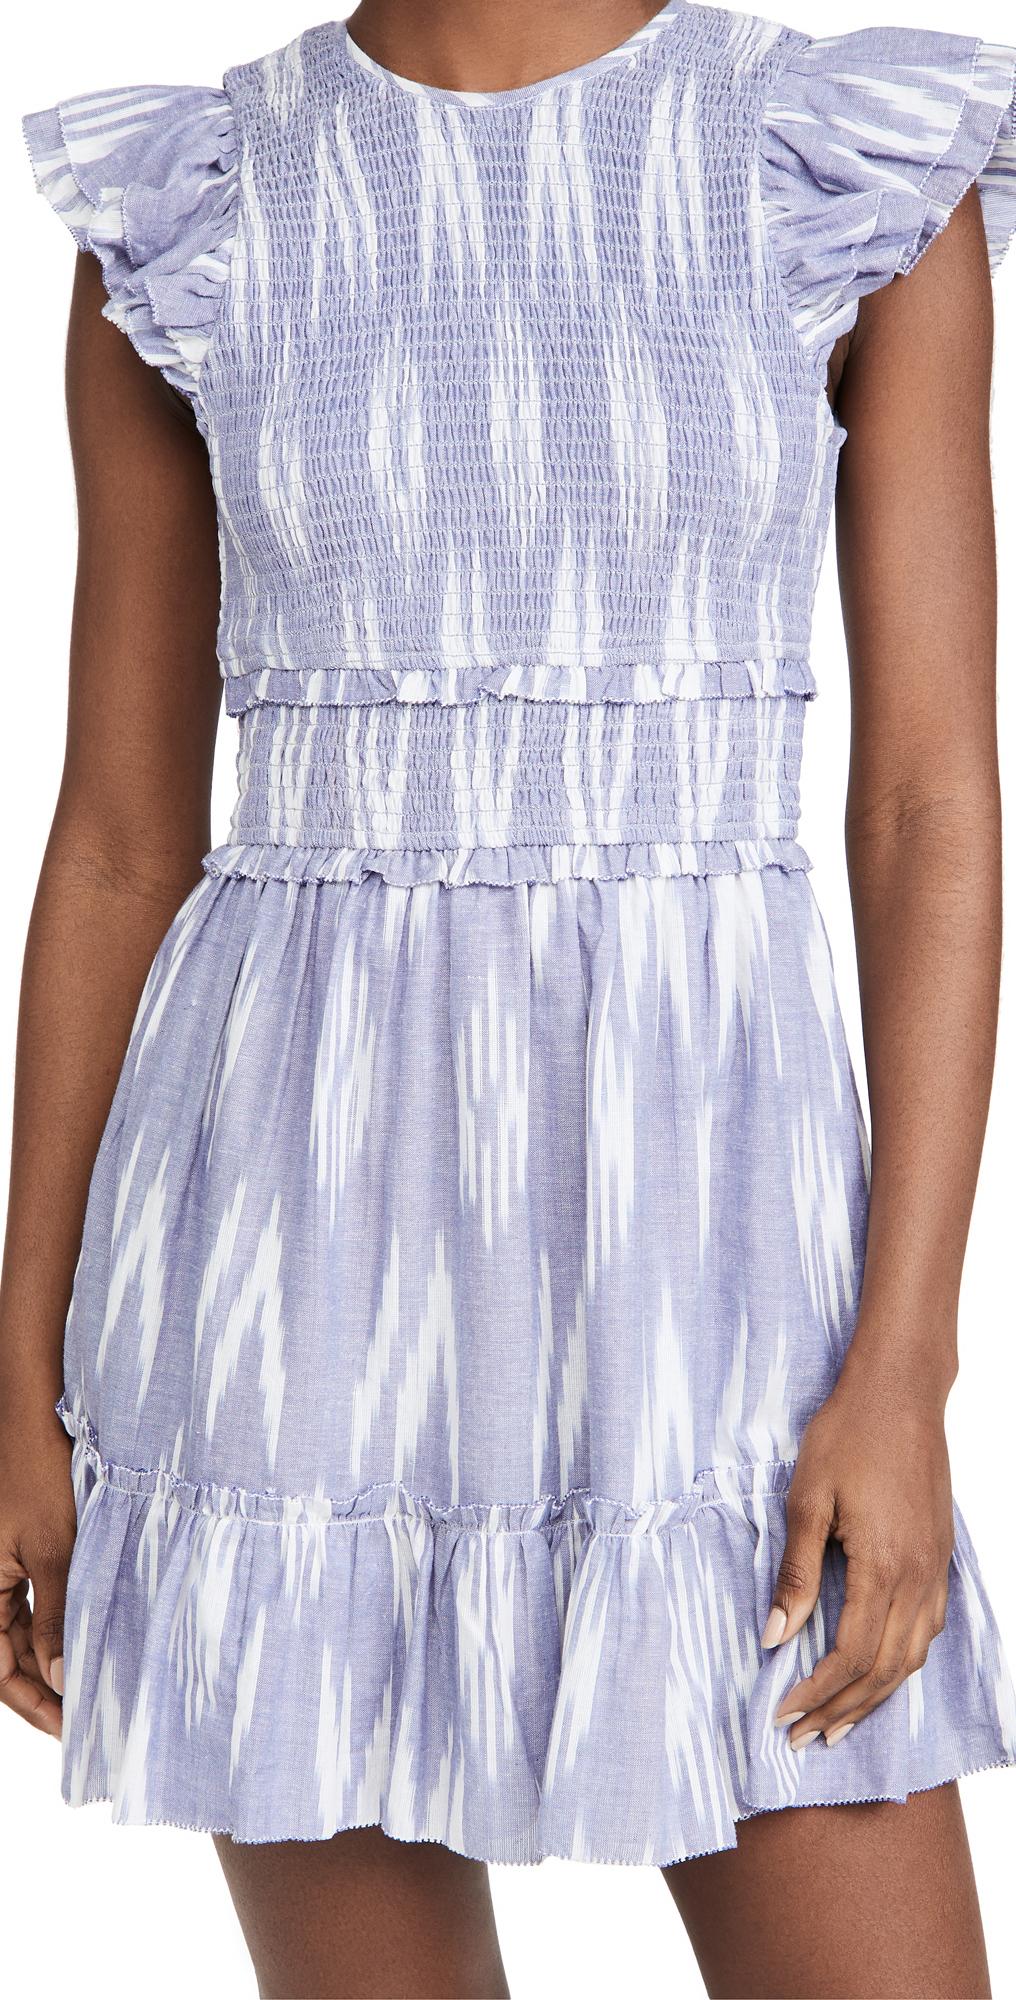 Saylor Zinnia Dress